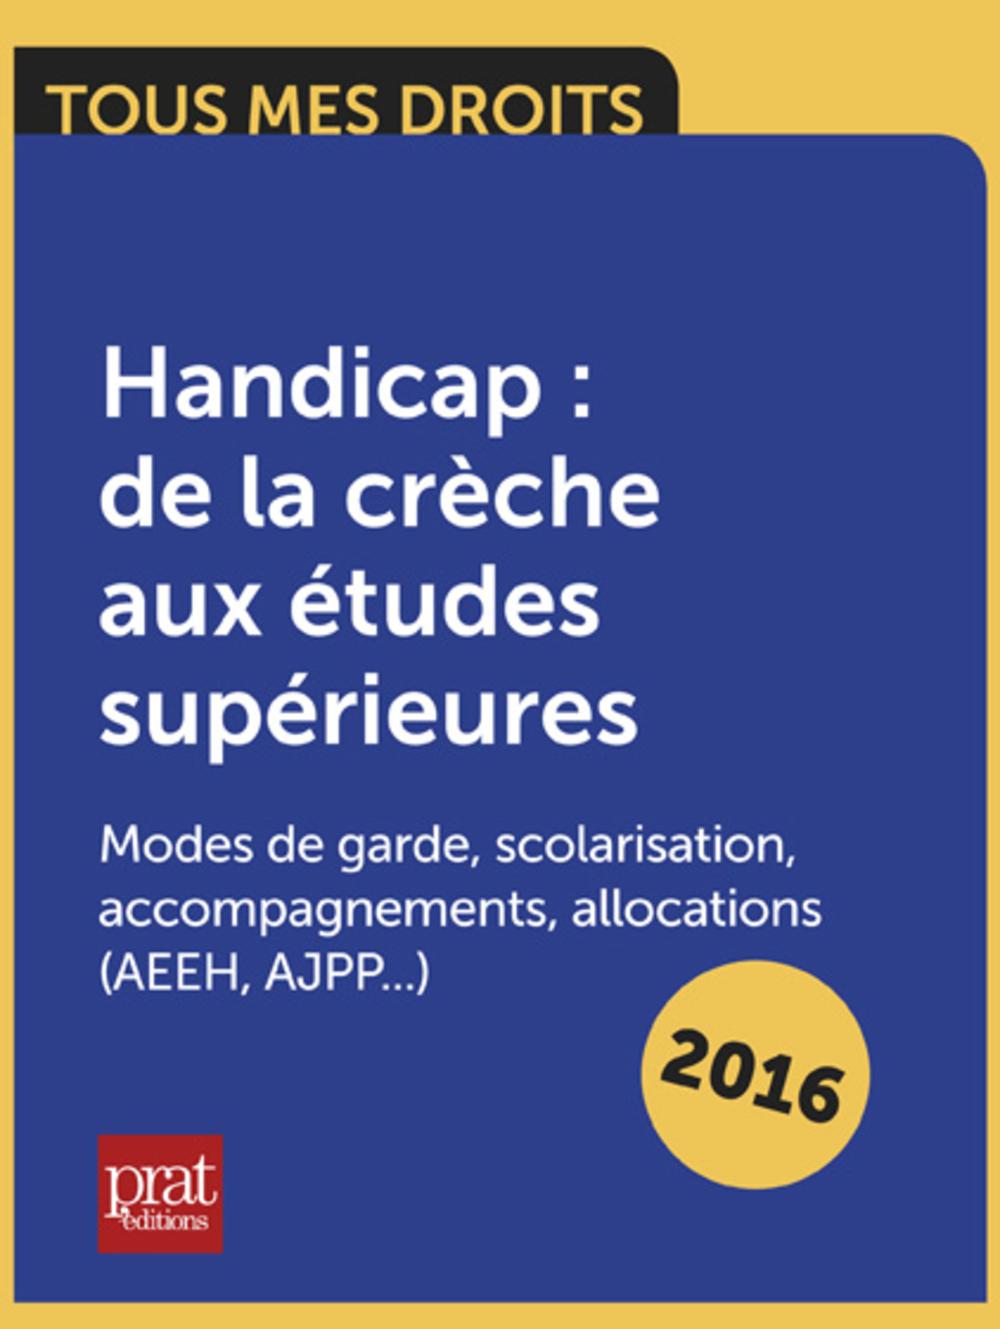 Handicap : de la crèche aux études supérieures Modes de garde, scolarisation, accompagnements, allocations (AEEH, AJPP…)